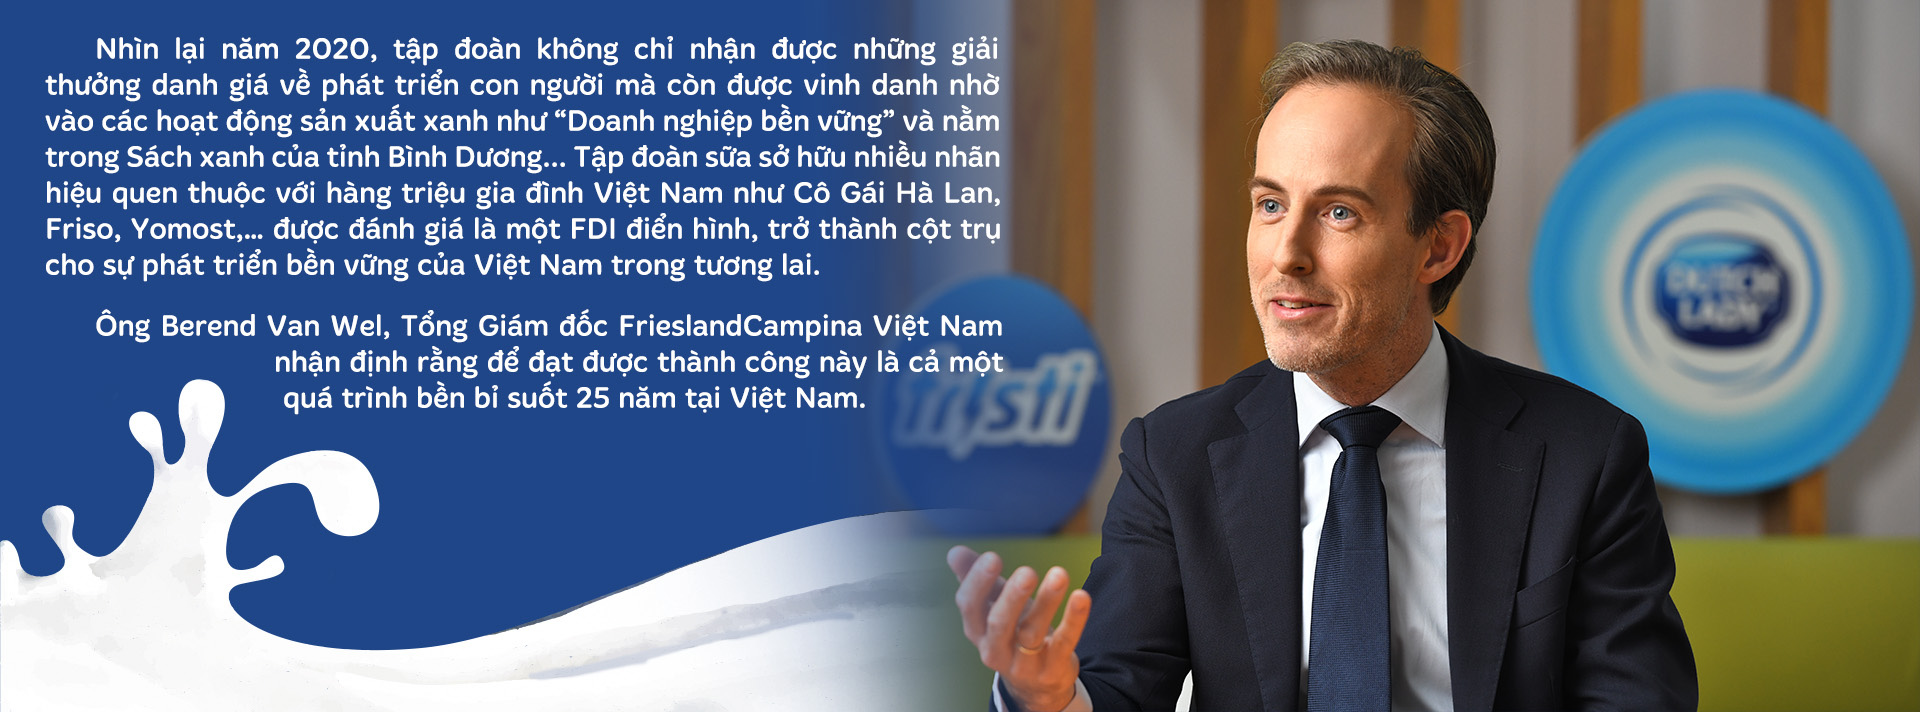 FrieslandCampina Việt Nam: 25 năm tổng lực đầu tư cho phát triển bền vững - Ảnh 9.